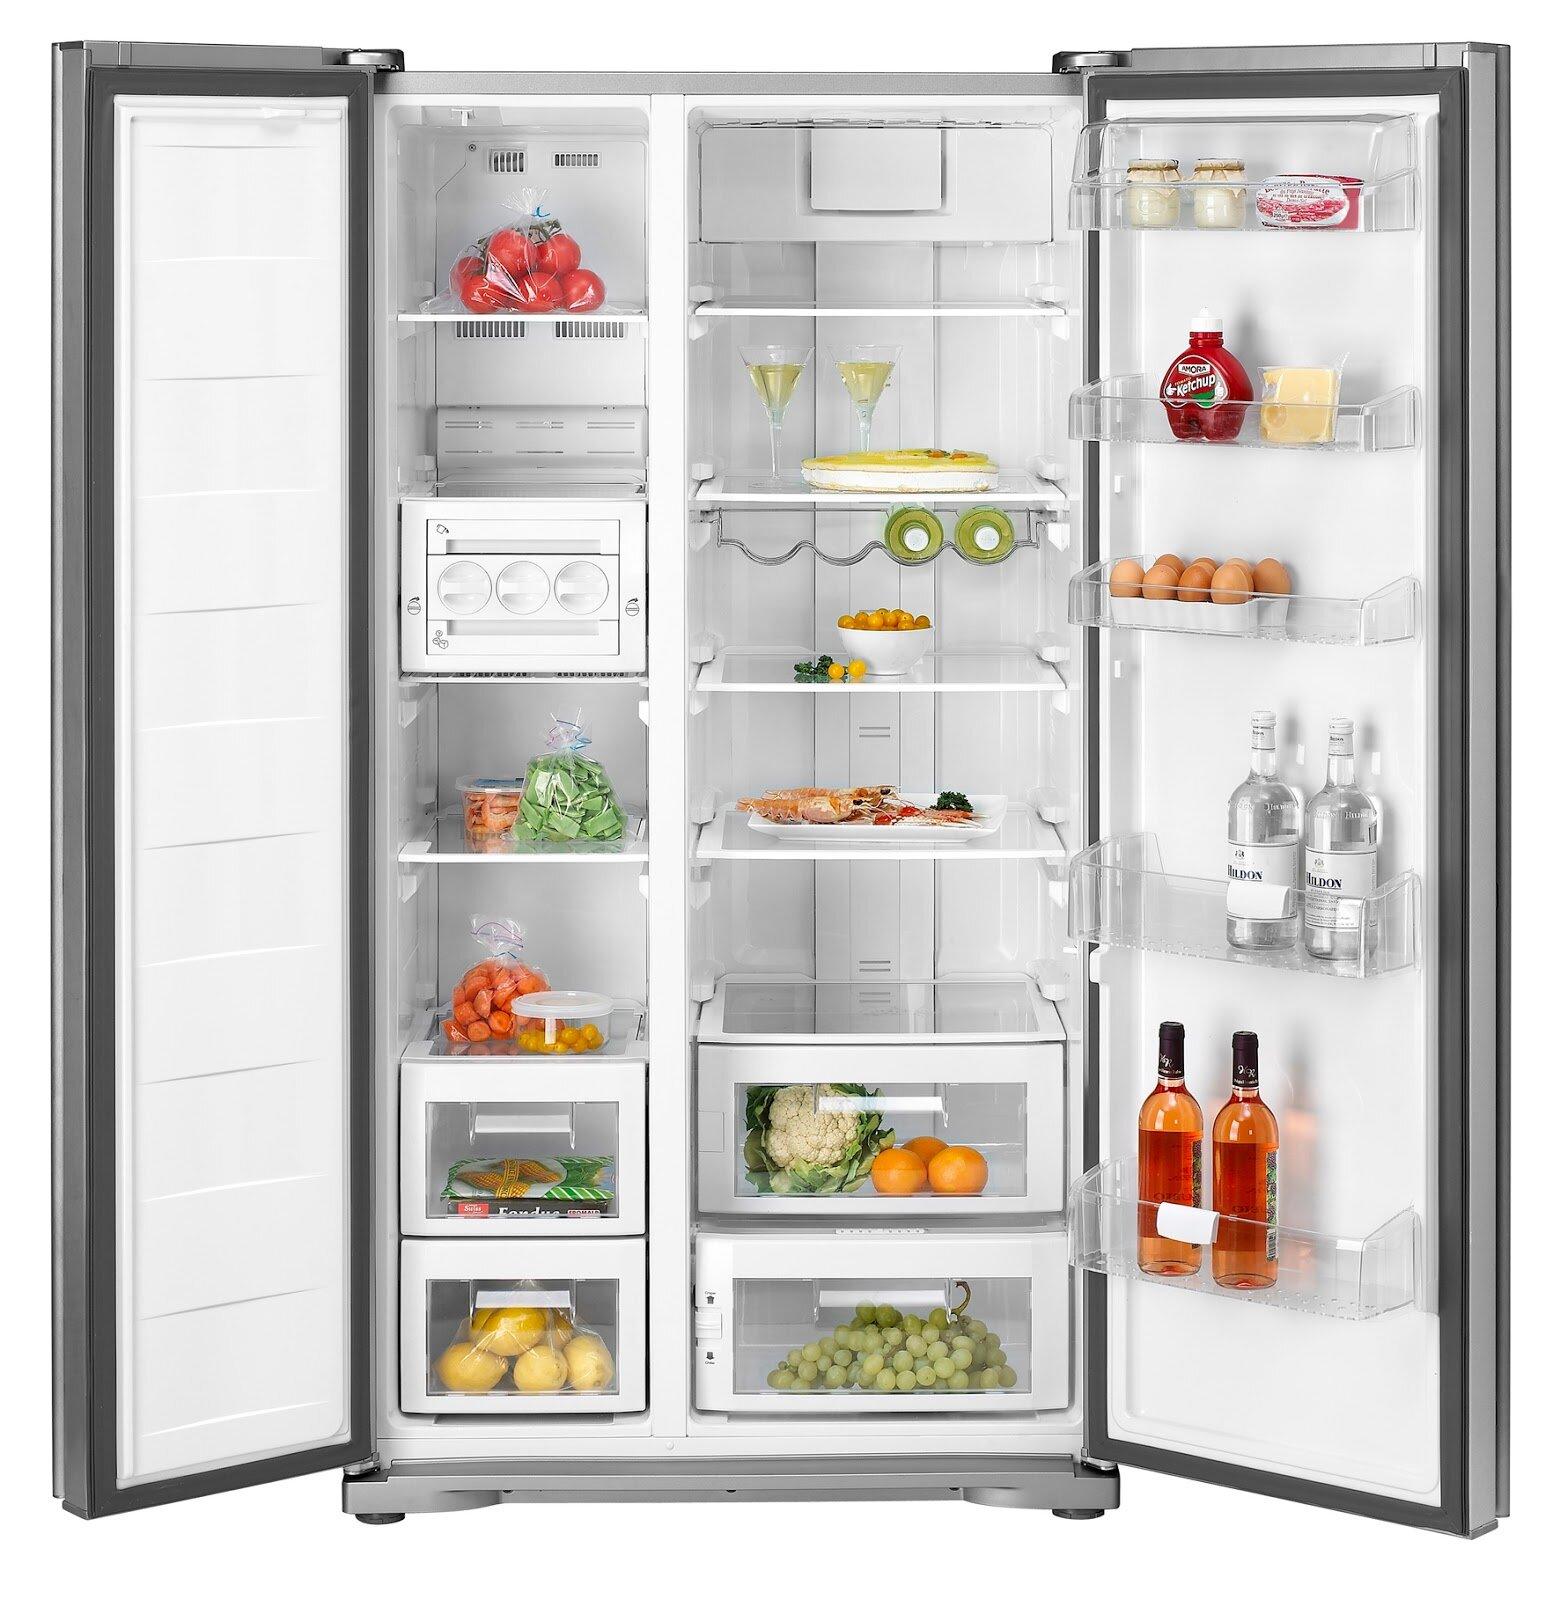 Tủ lạnh side by side Panasonic có thể trữ được rất nhiều thực phẩm, đa dạng